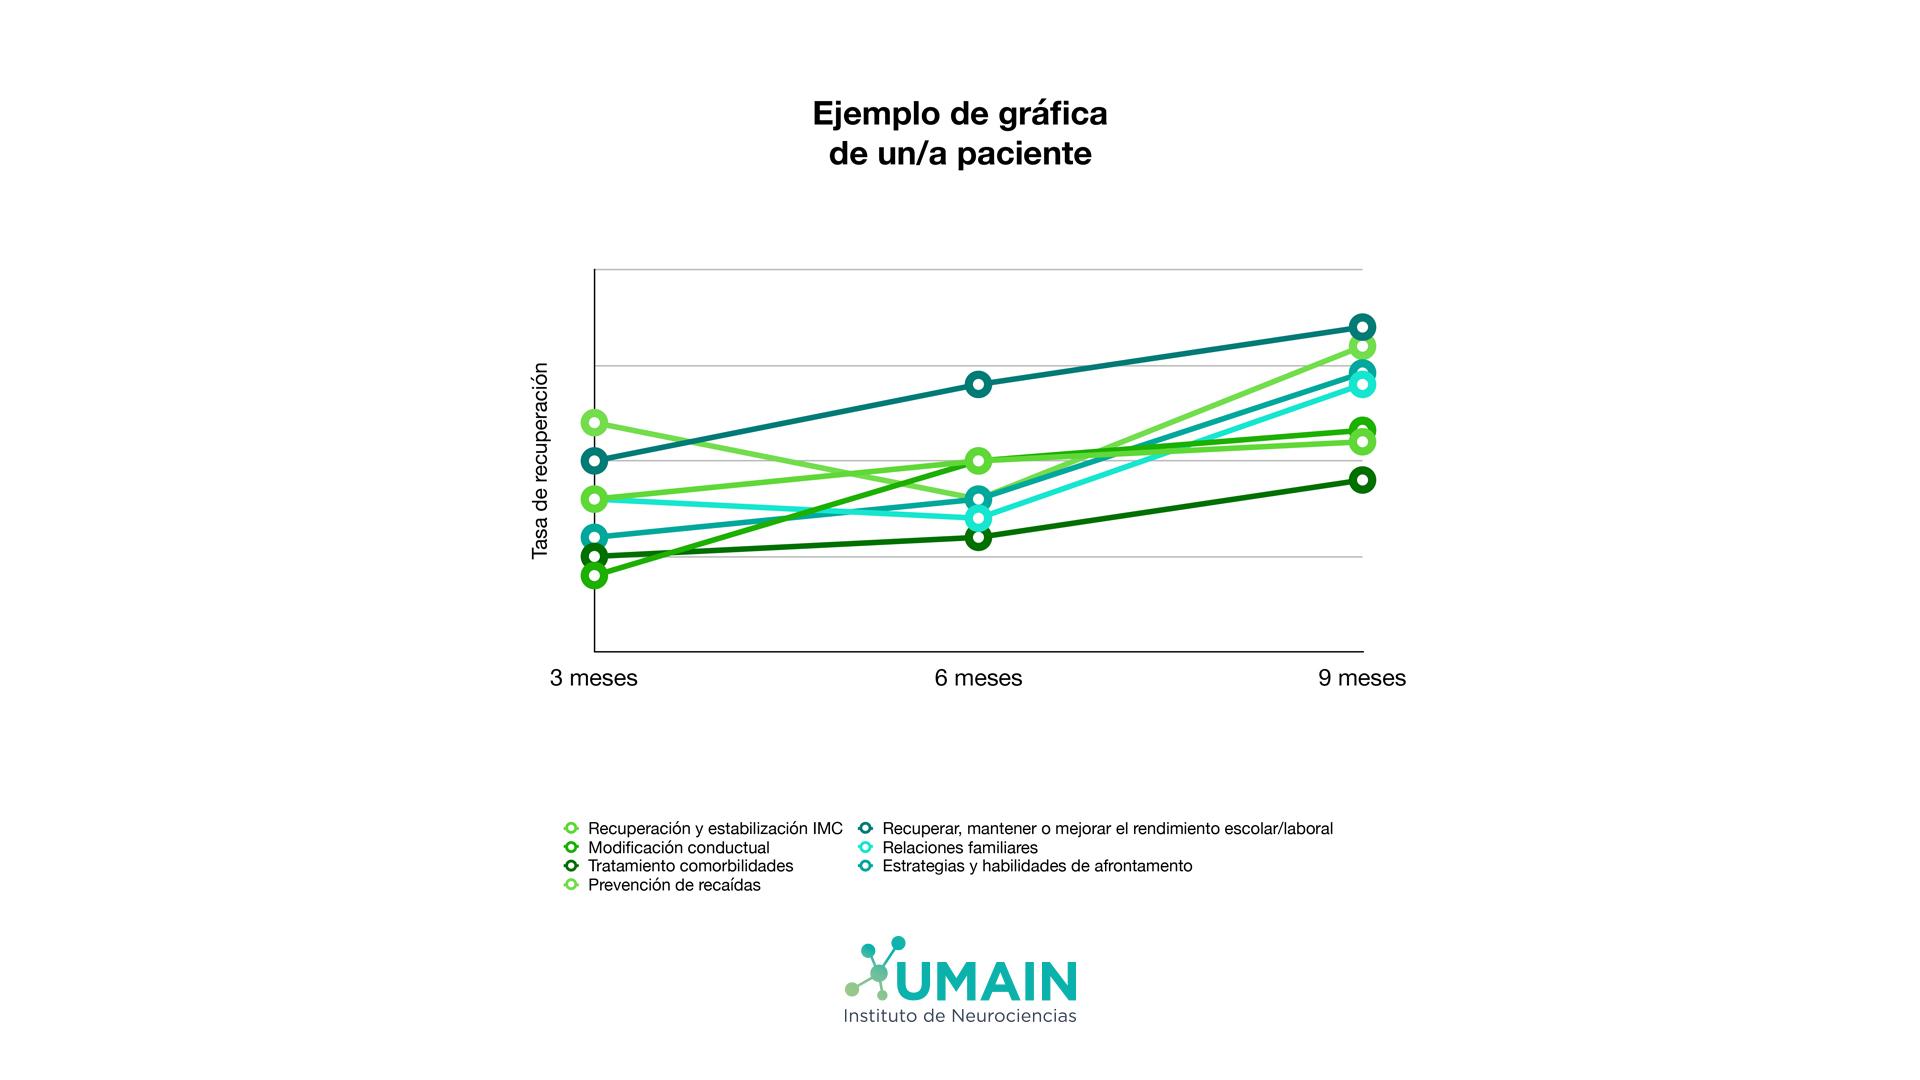 Ejemplo gráfica recuperación paciente Umain